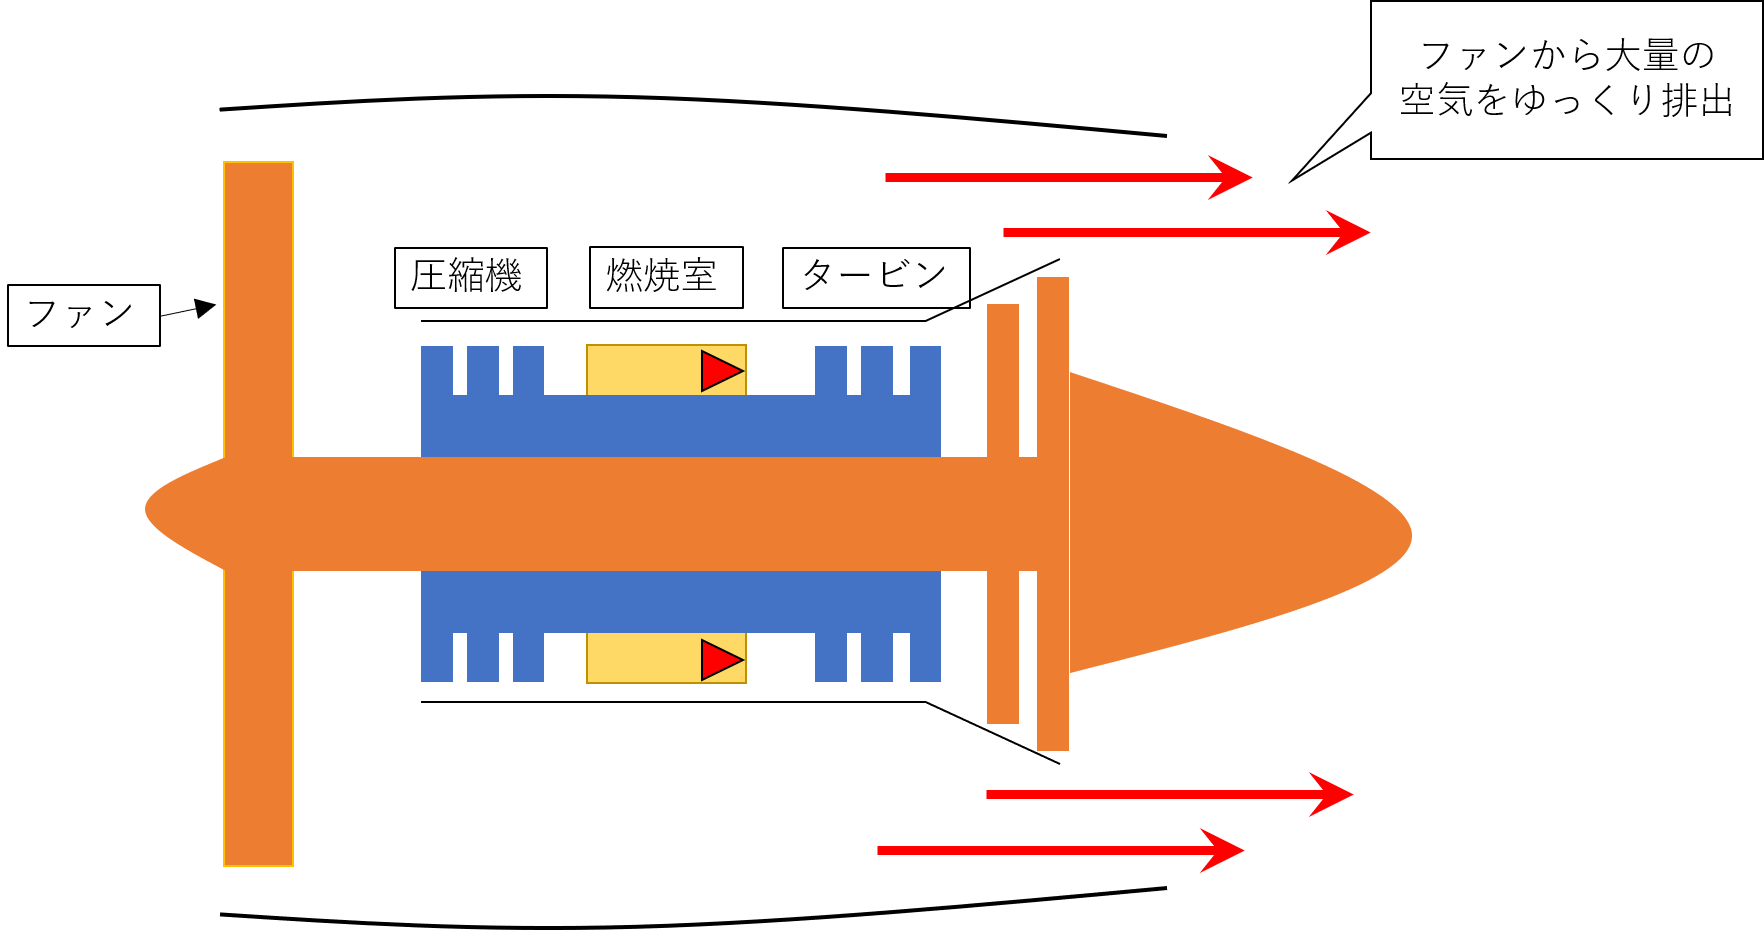 ターボファンエンジンのイメージ図